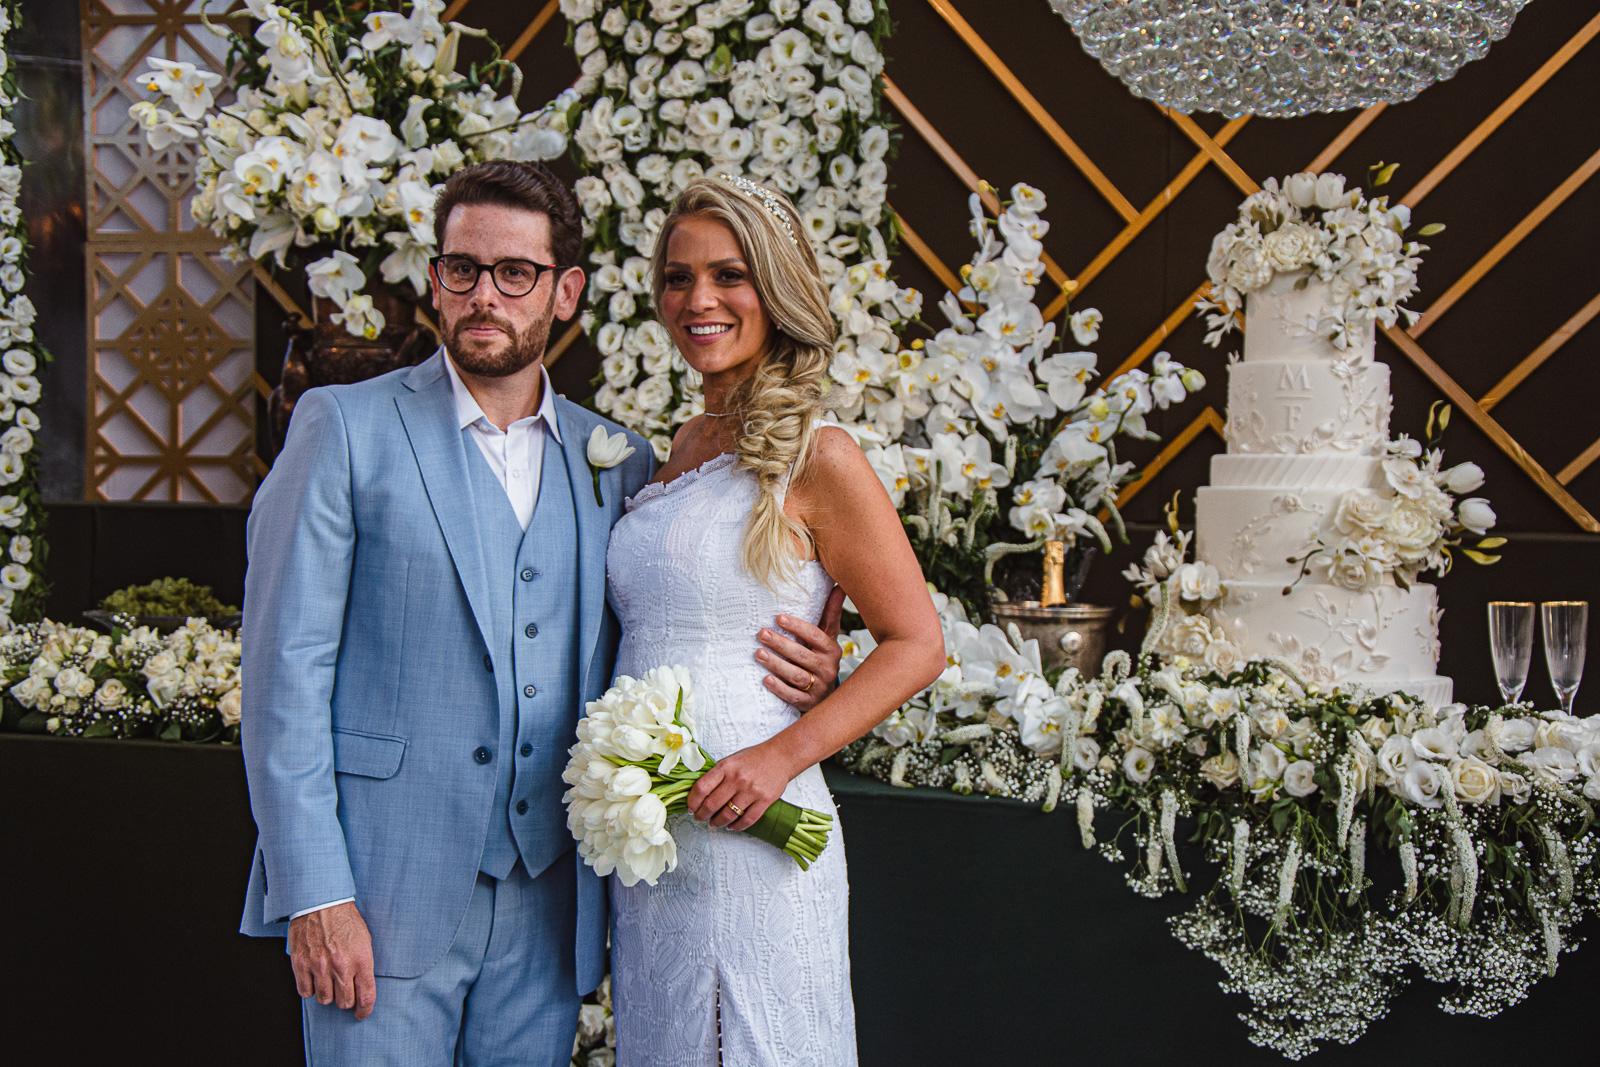 Chic e intimista! Foi assim a cerimônia de casamento de Mariana Dafonte e Felipe Bezerra